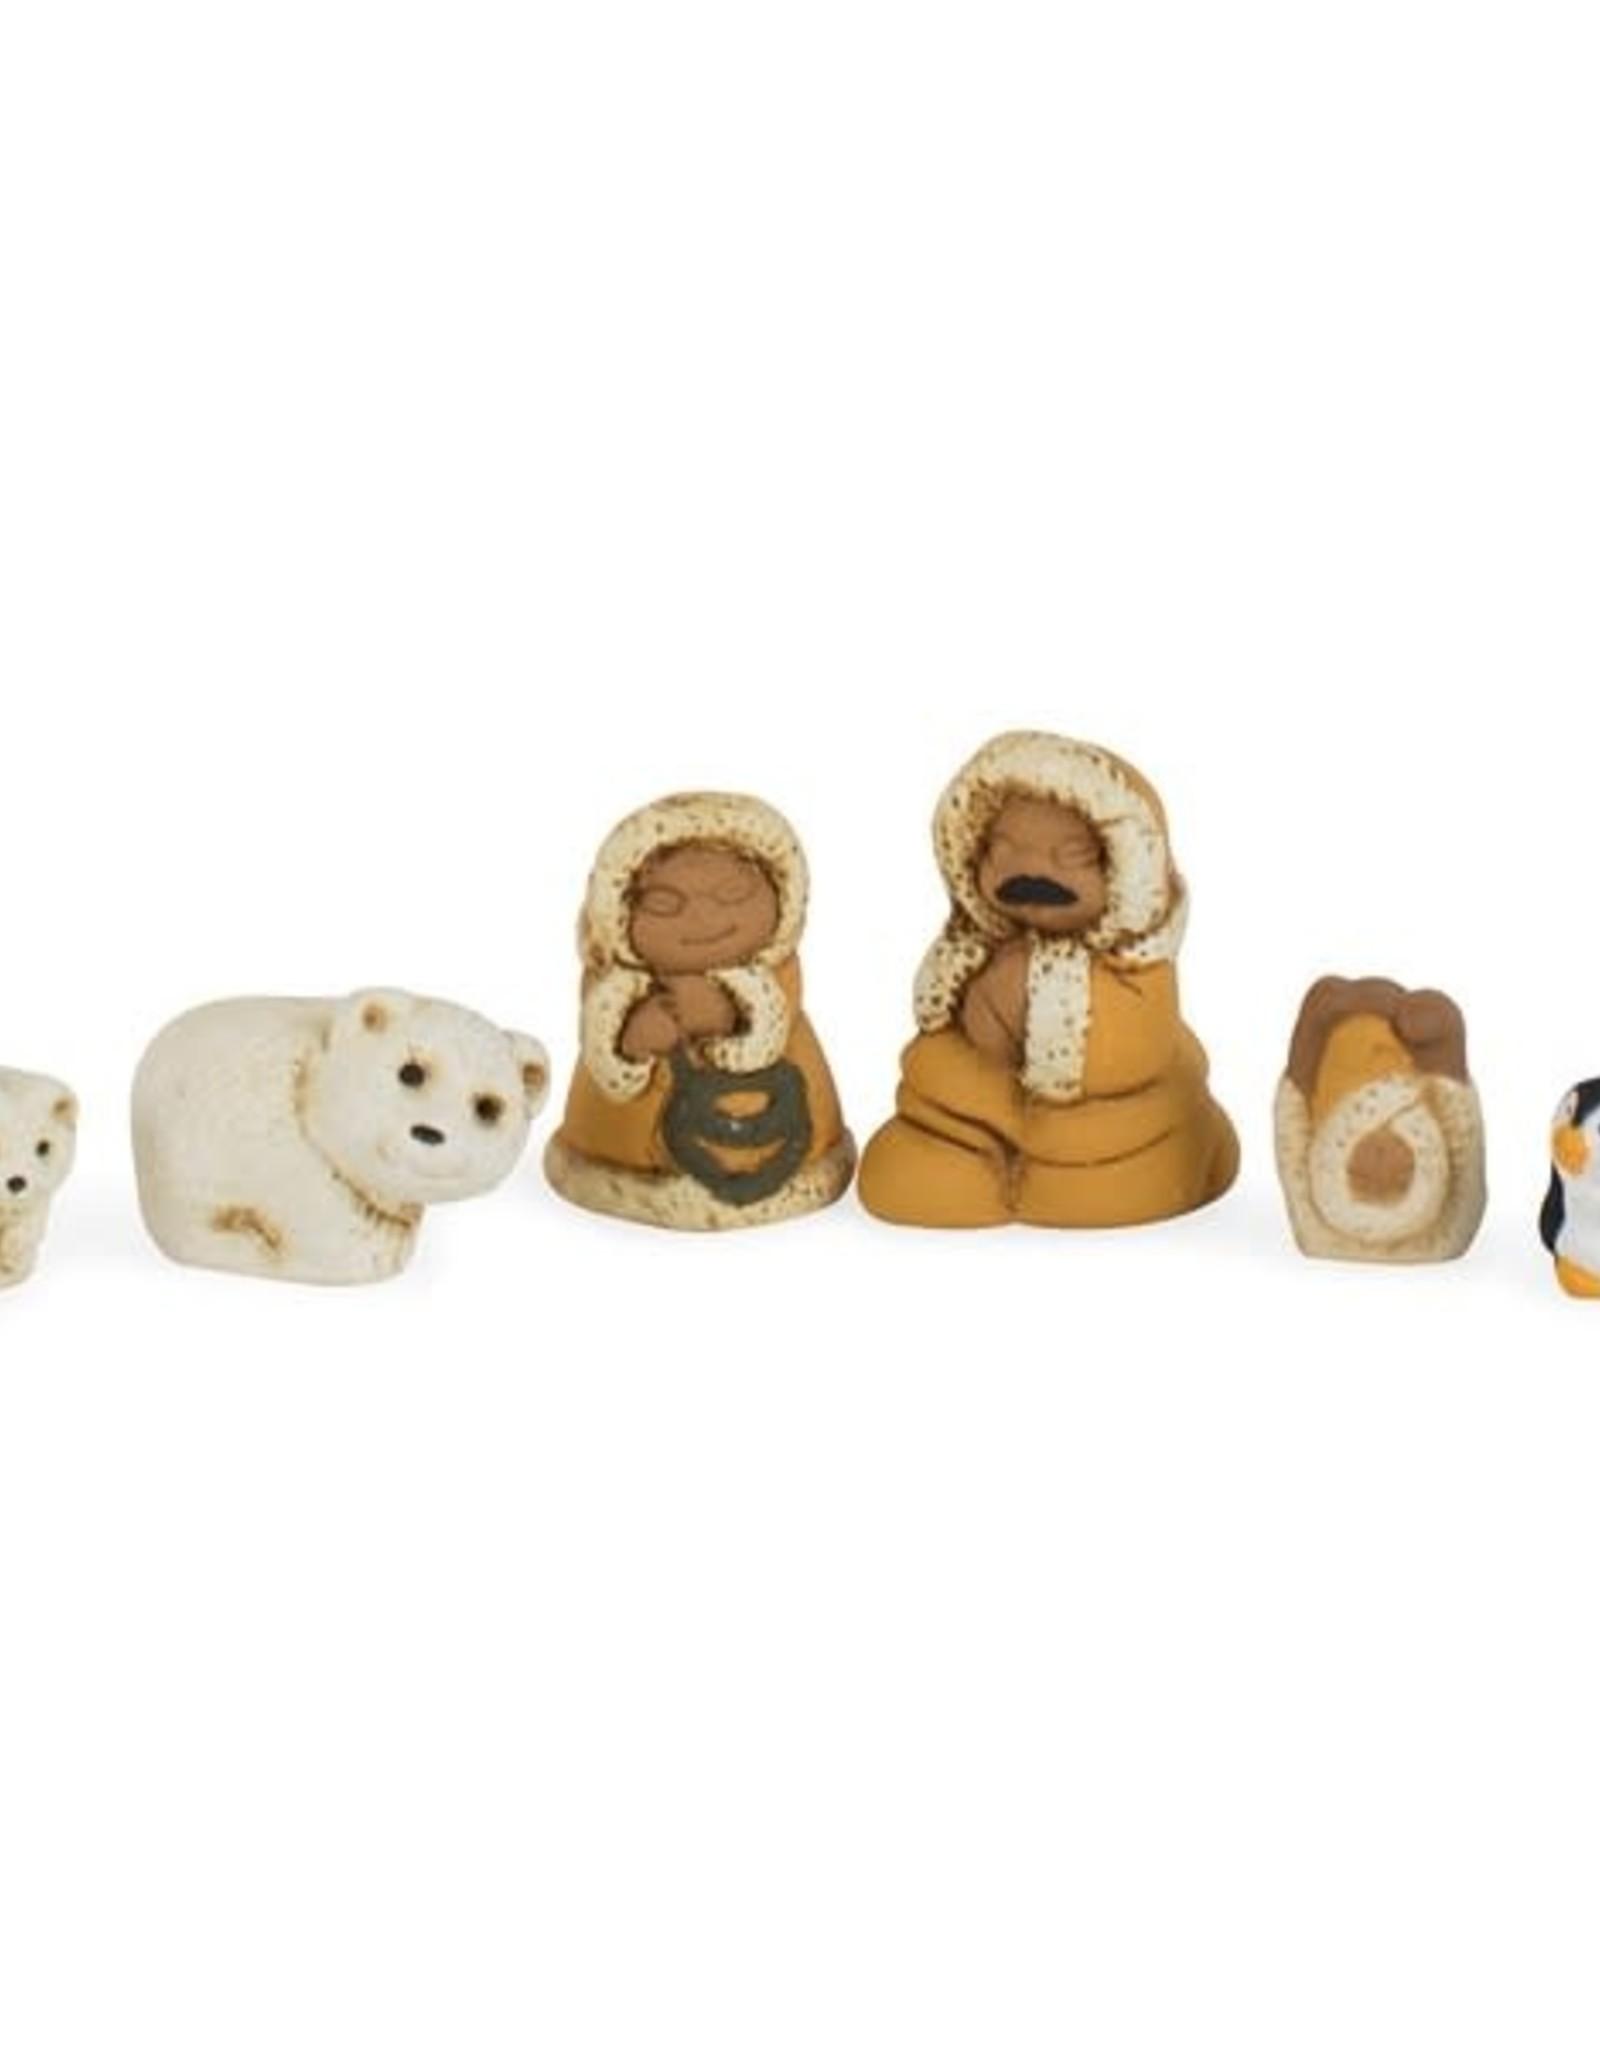 Arctic Family Nativity